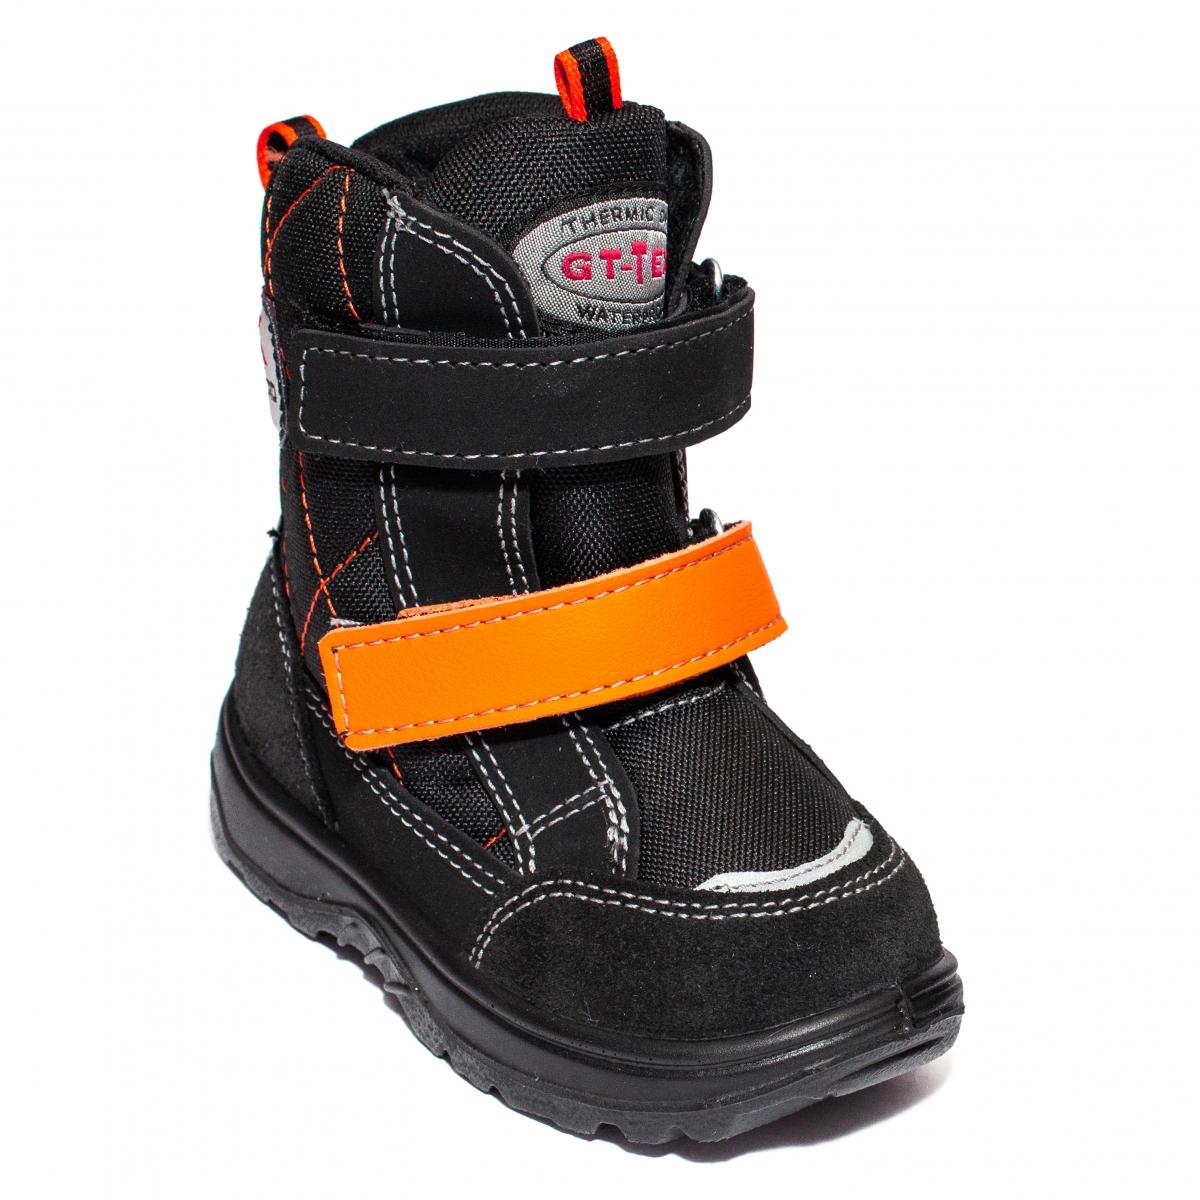 Apreskiuri copii blana GT tex 95113 negru orange 26-35